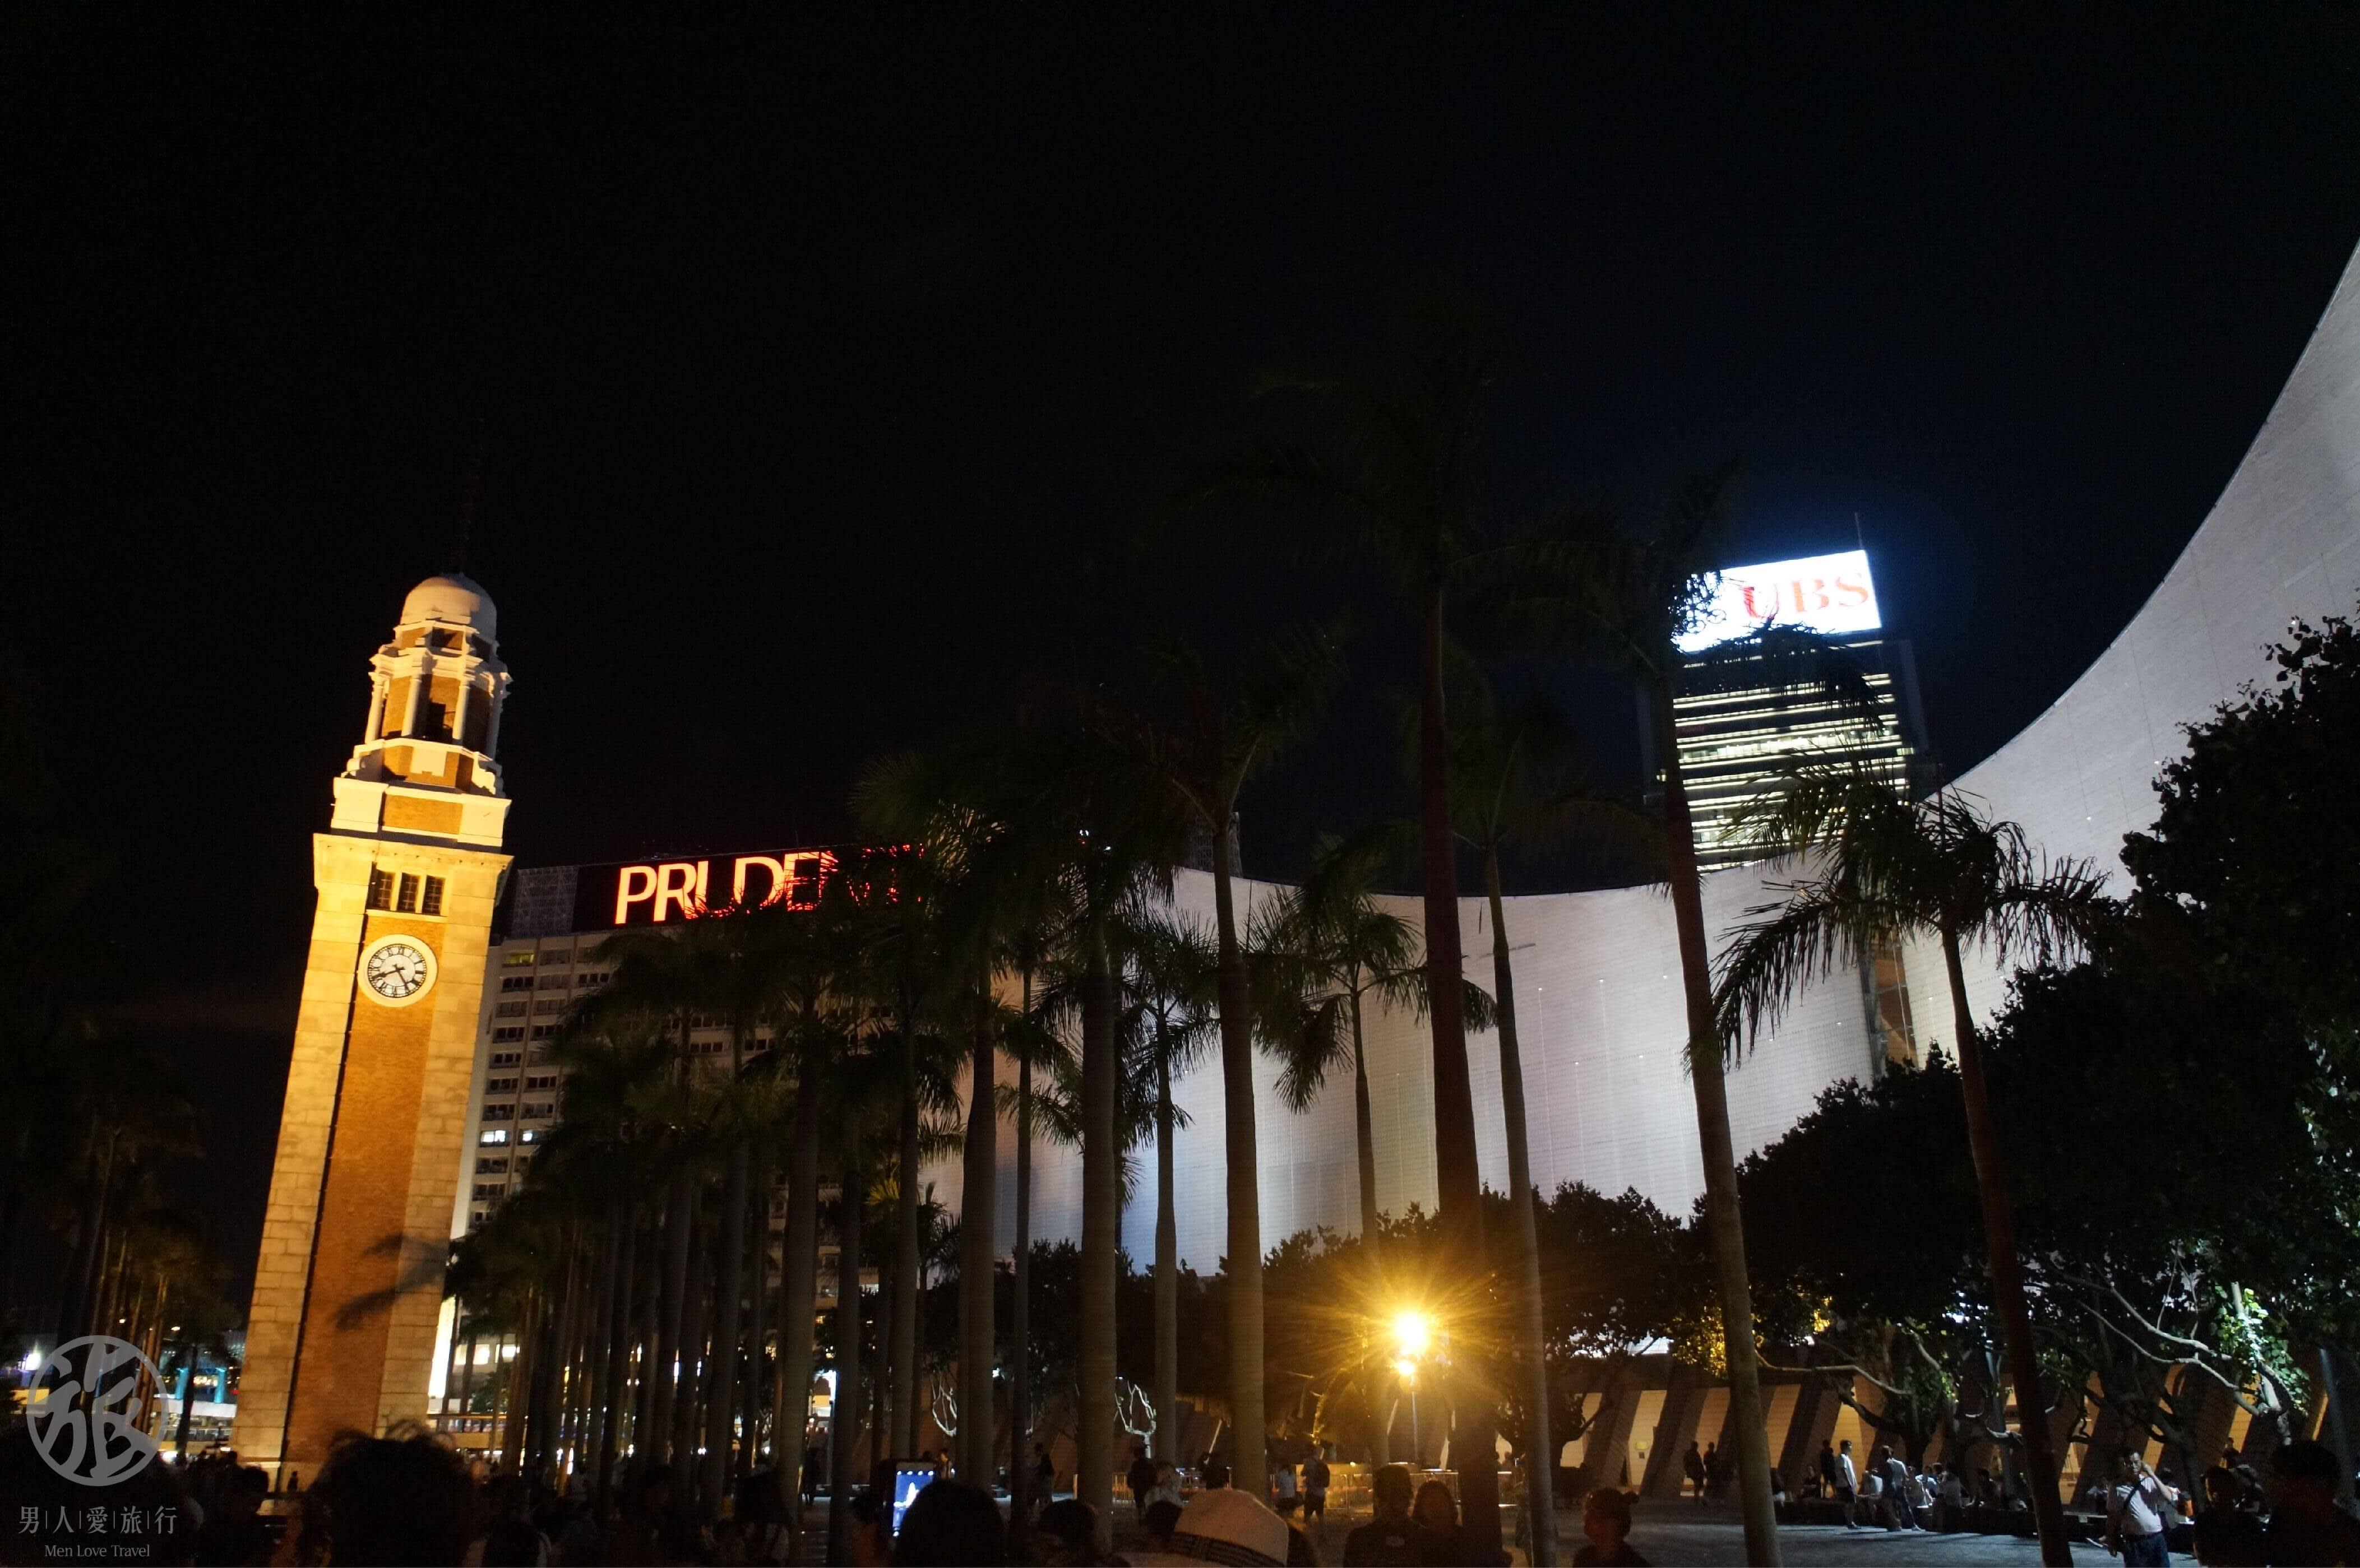 商 業 大 樓 、 保 險 巨 擘 林 立 , 展 現 輝 煌 的 一 面